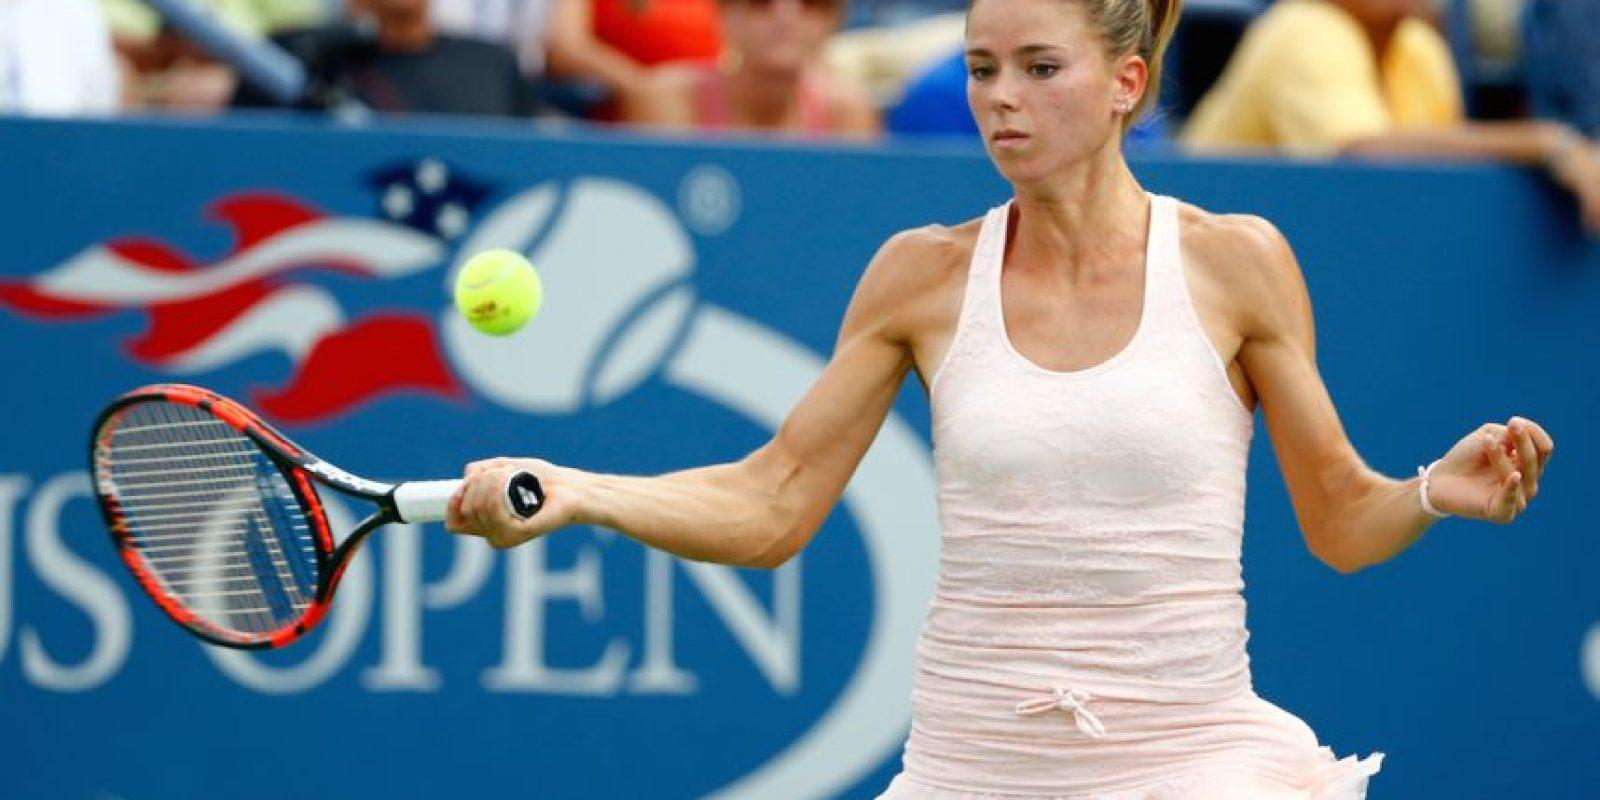 """La italiana lució este conjunto muy """"tierno"""" en su partido de segunda ronda frente a Sabine Lisicki. Foto:Getty Images"""